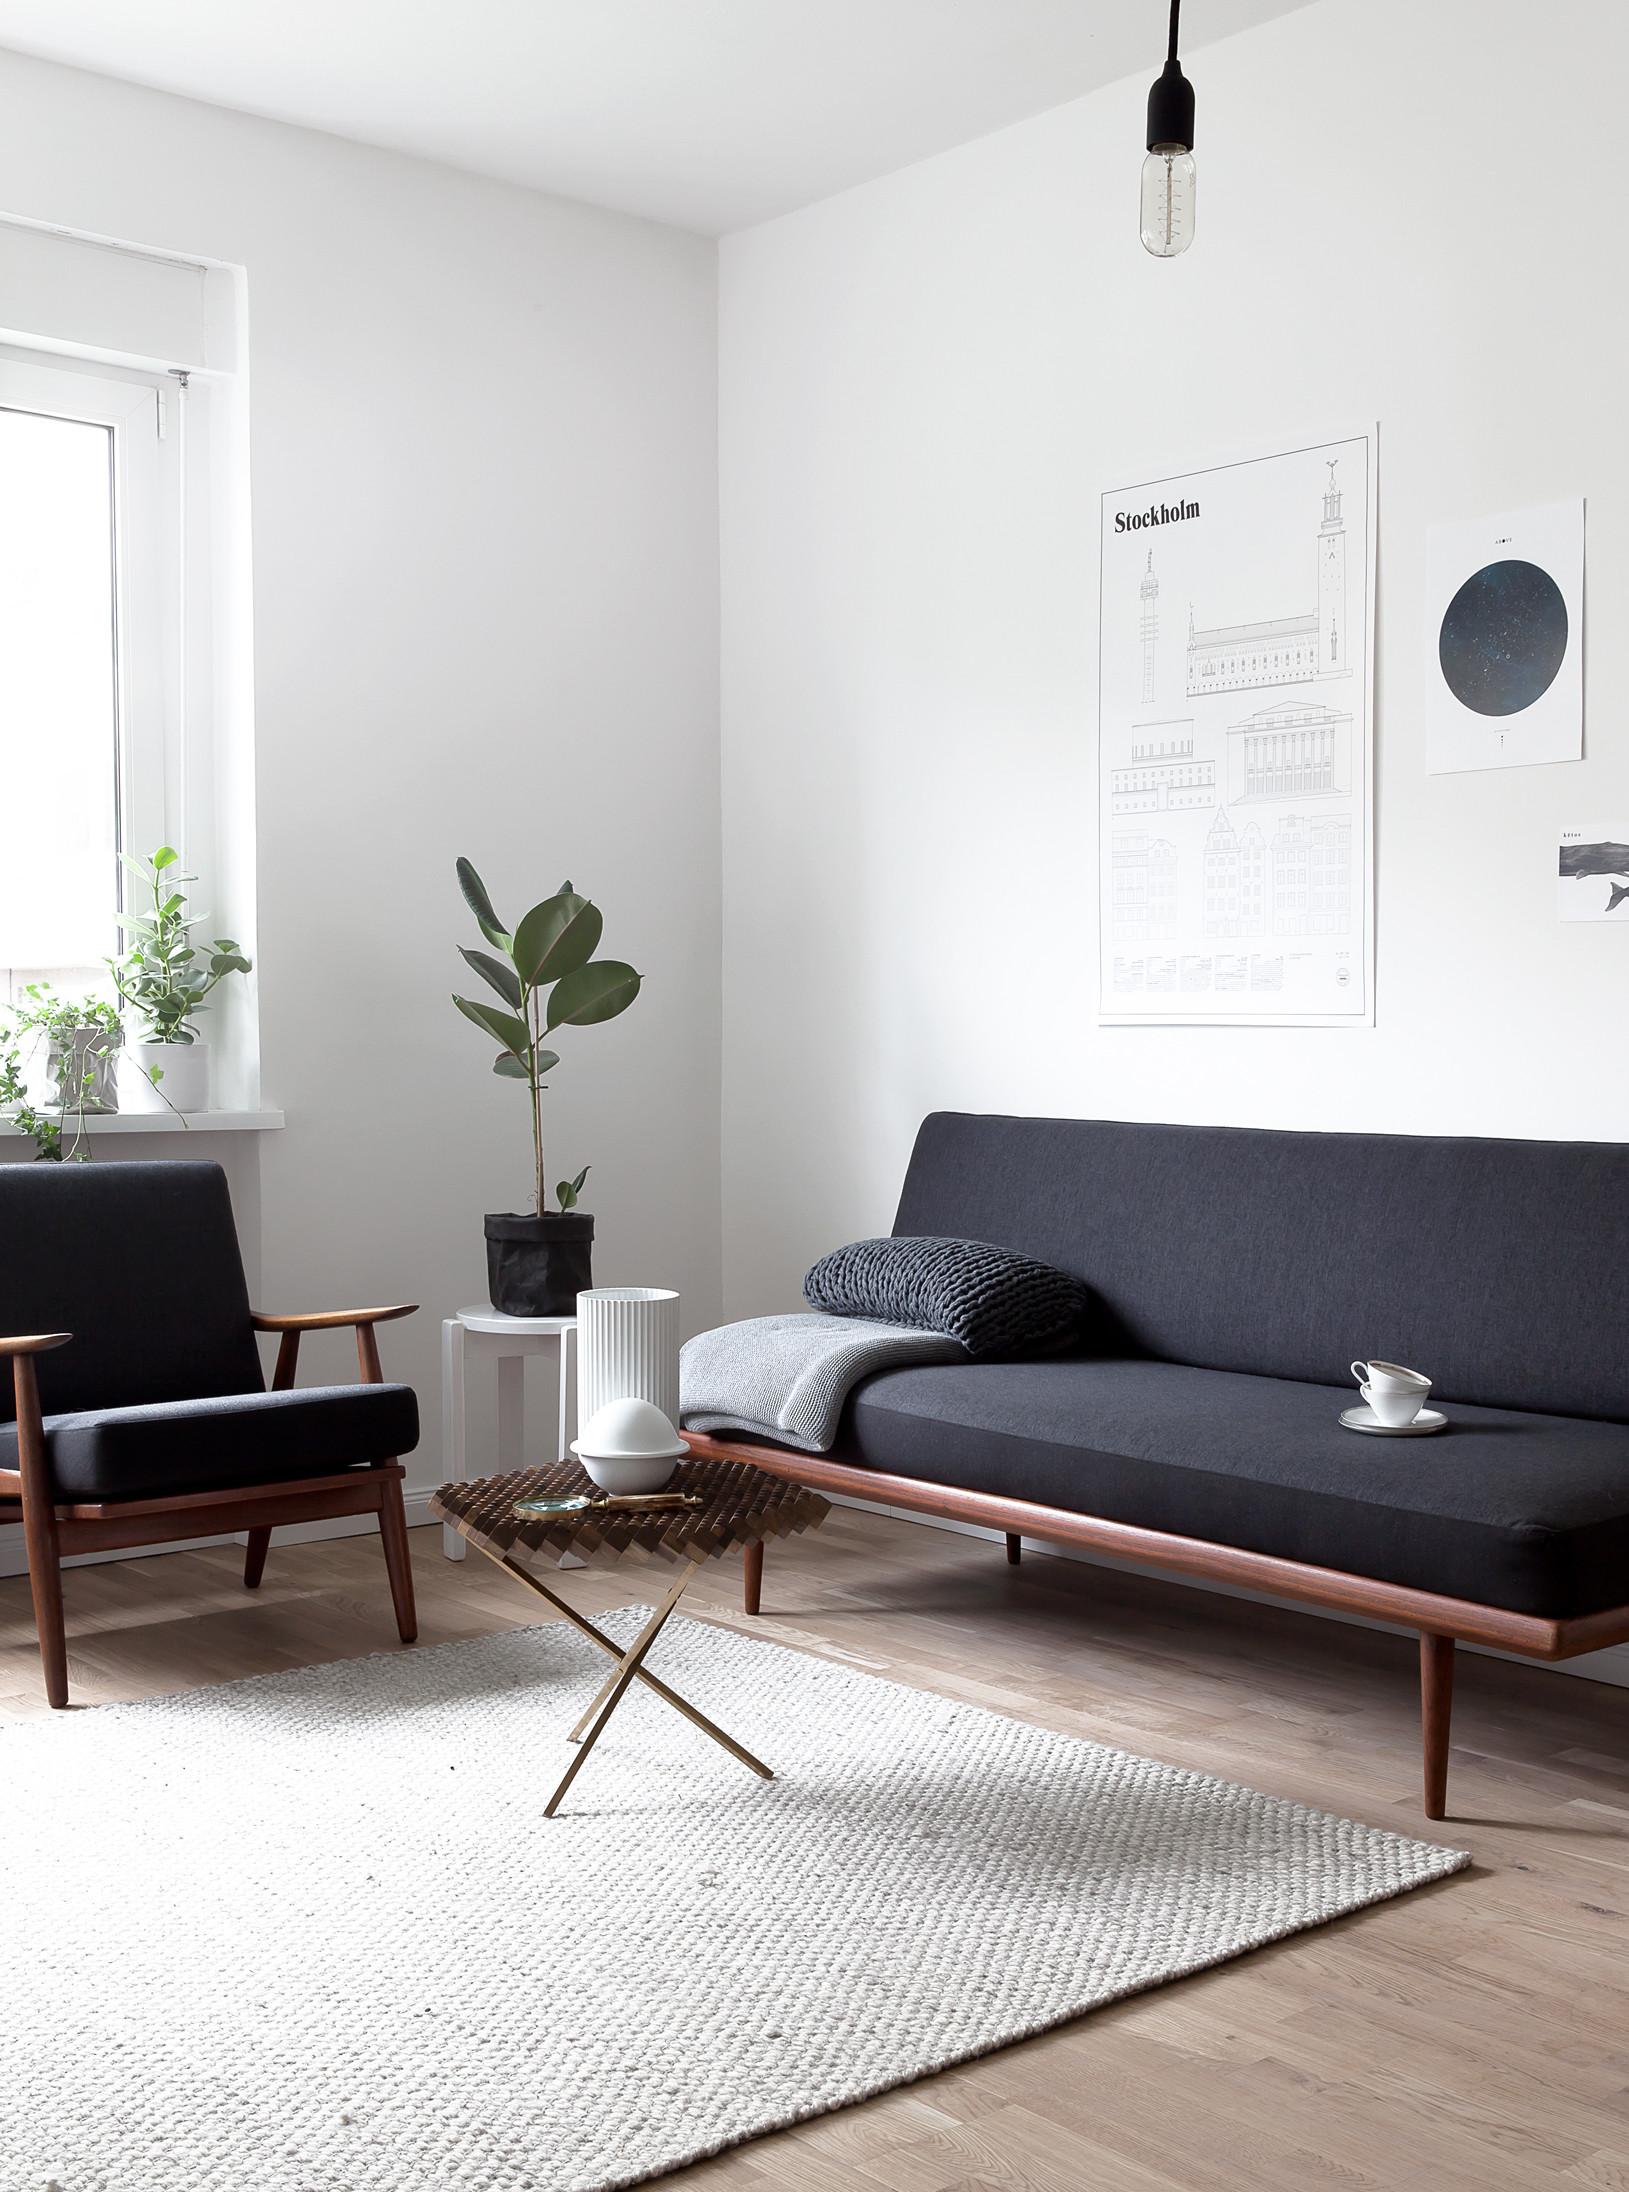 Minimalismo caracter sticas do estilo e inspira es for Soggiorno minimalista